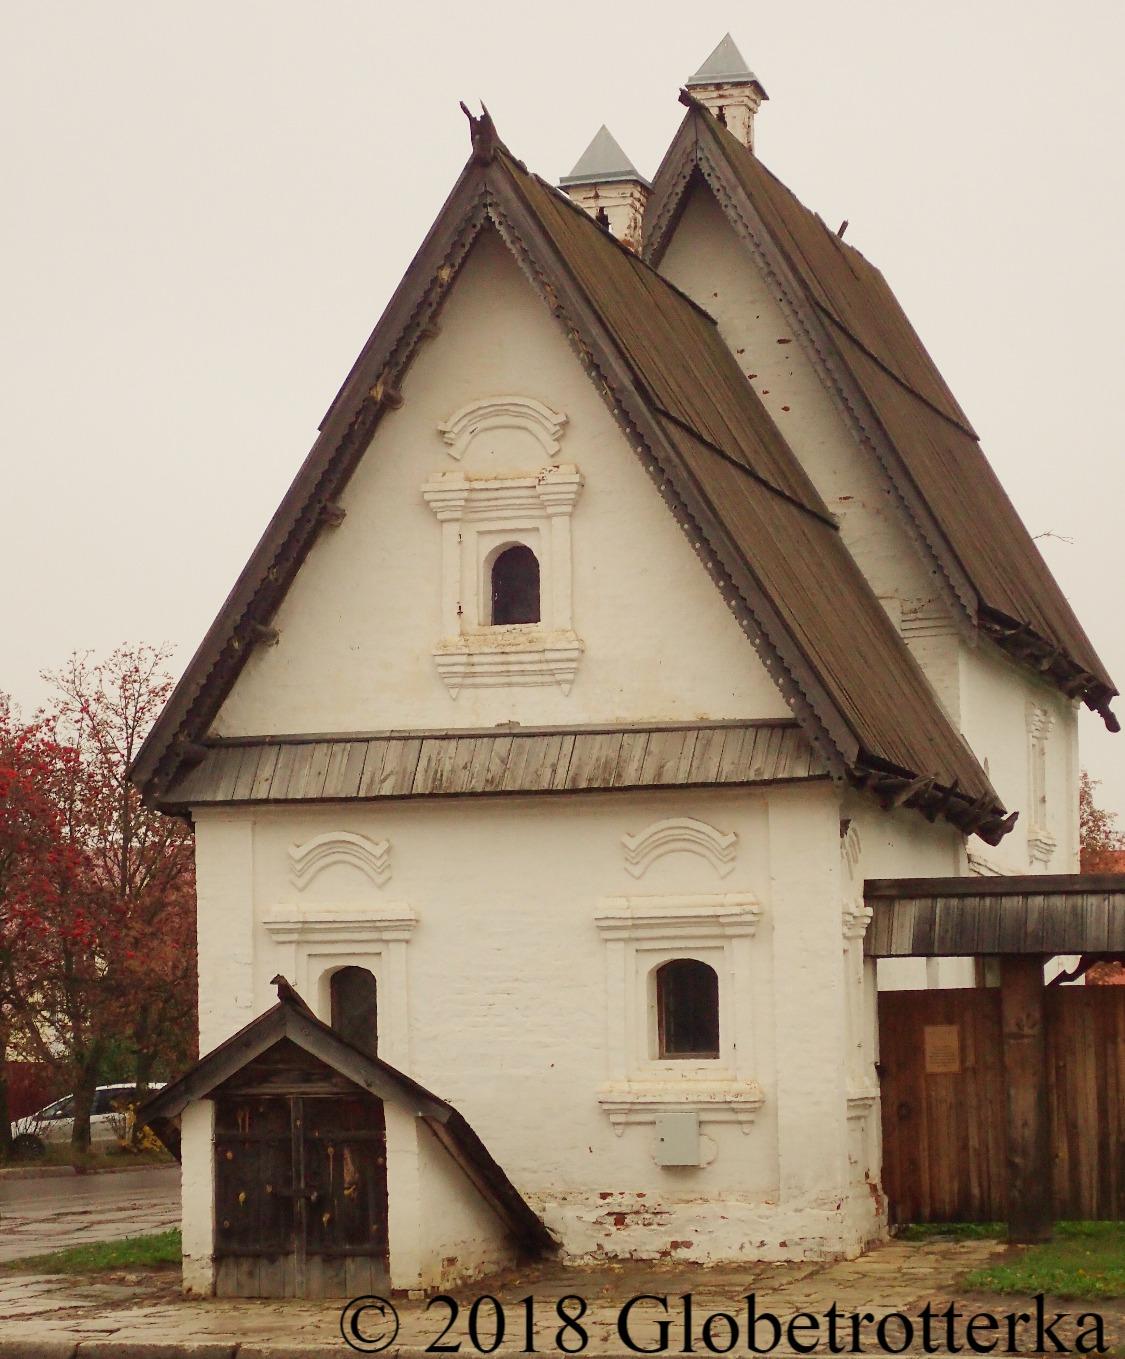 Maison de la bourgade